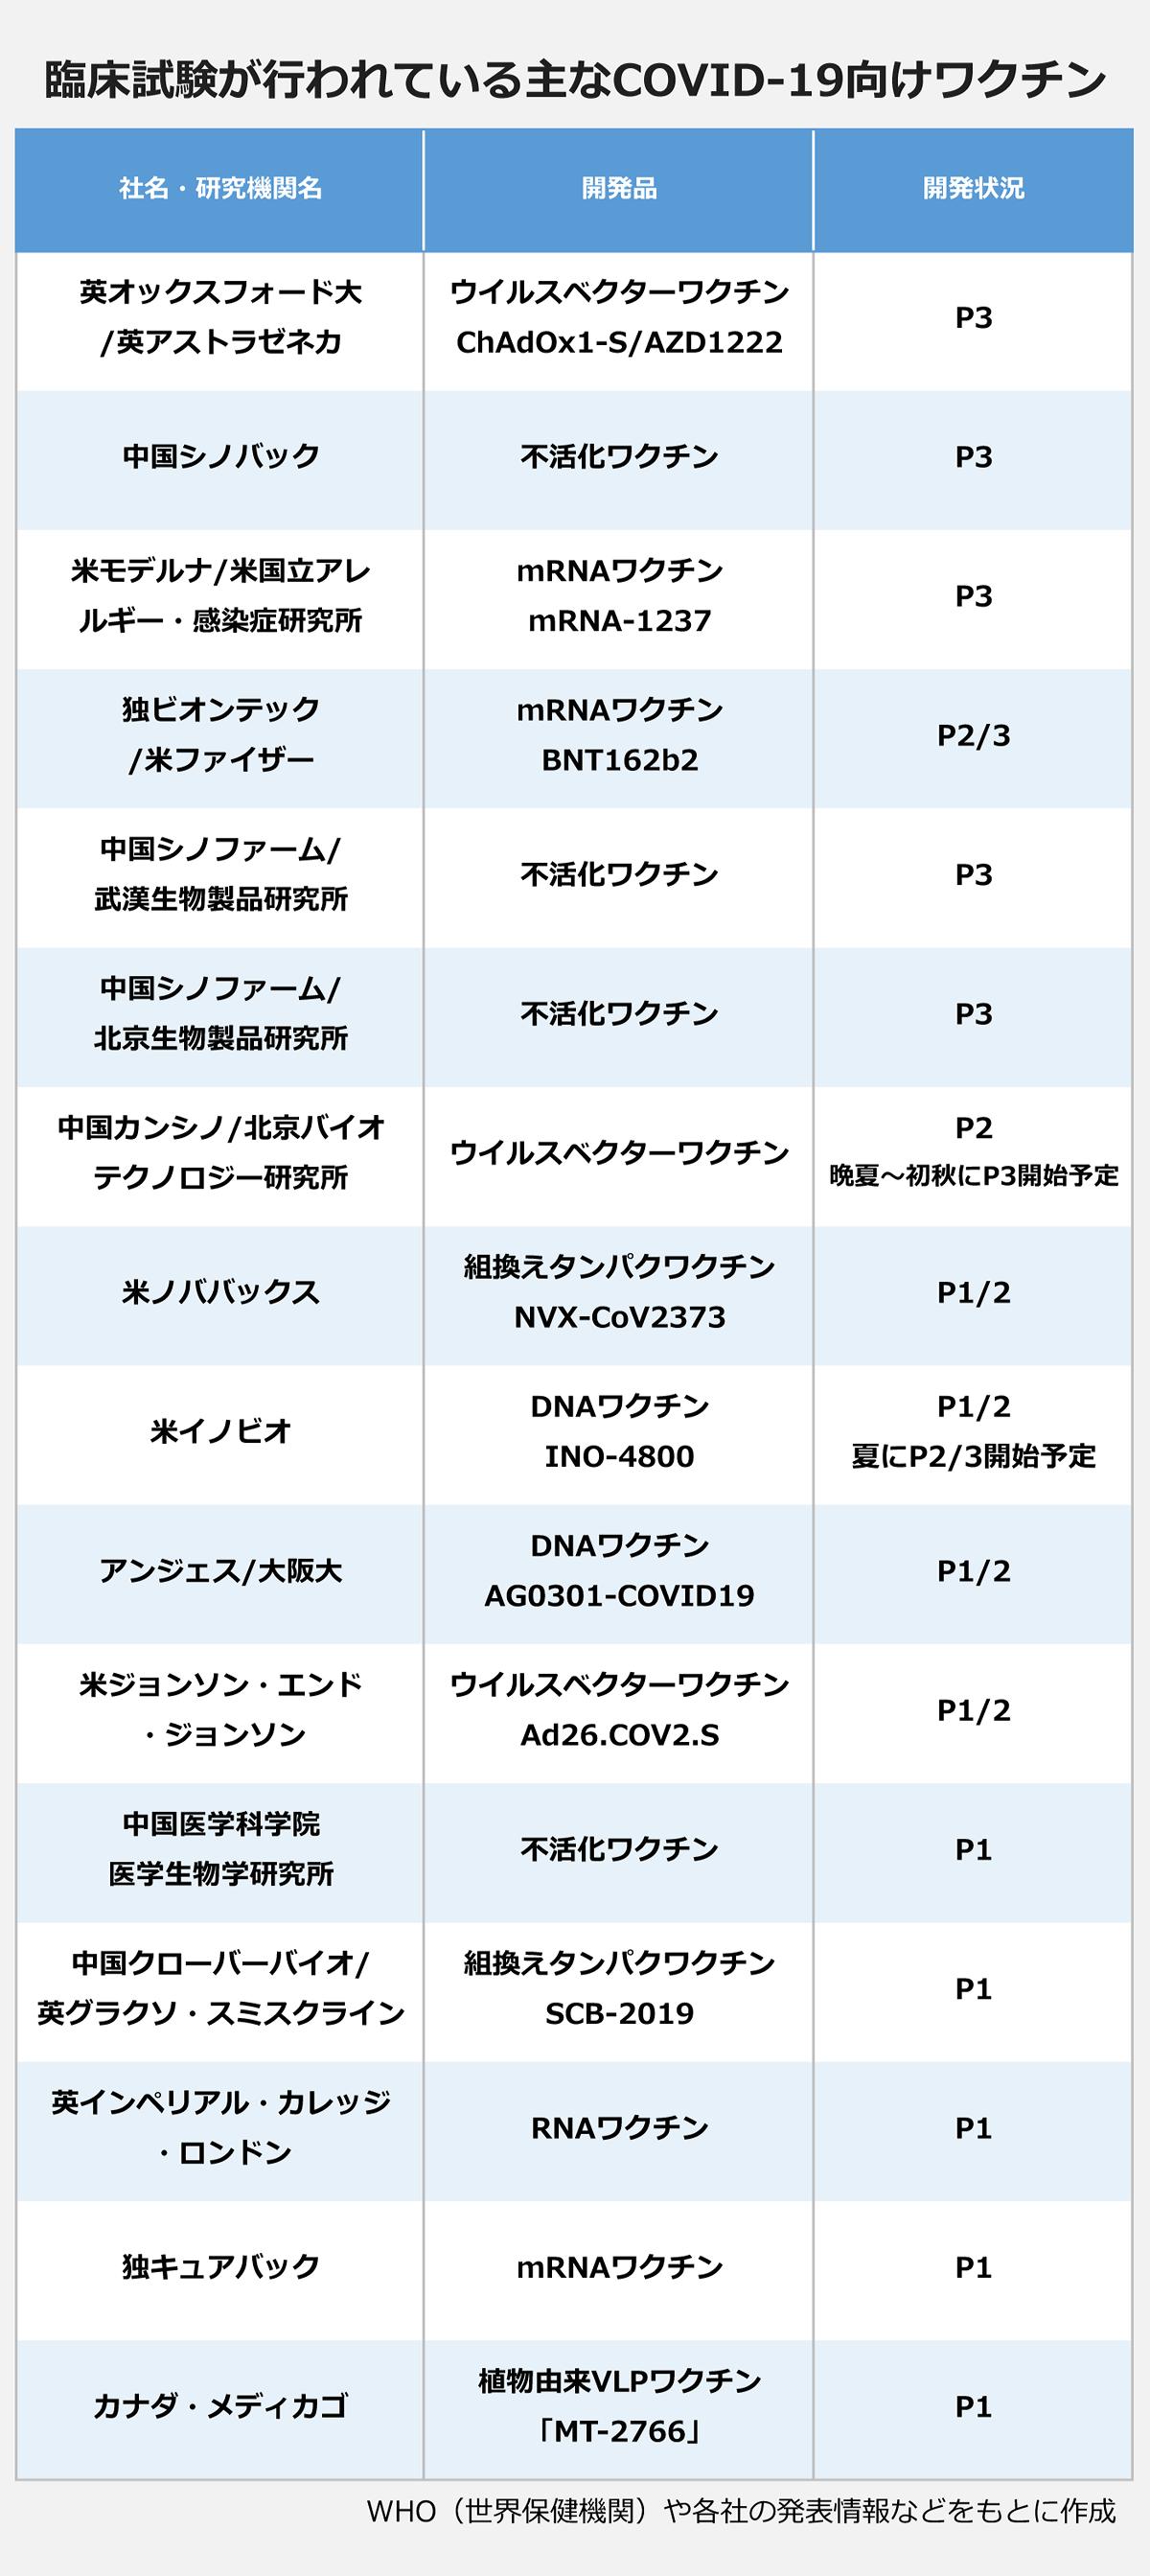 【臨床試験が行われている主なCOVID-19向けワクチン】(社名・研究機関名/開発品/開発状況) 英オックスフォード大/英アストラゼネカ/ウイルスベクターワクチンChAdOx1-S/AZD1222。/P3 |中国シノバック/不活化ワクチン/P3 |米モデルナ/米国立アレルギー・感染症研究所/mRNAワクチン。mRNA-1237/P3 |独ビオンテック/米ファイザー/mRNAワクチン。BNT162b2/P2/3 |中国シノファーム/武漢生物製品研究所/不活化ワクチン/P3 |中国シノファーム/北京生物製品研究所/不活化ワクチン/P3 |中国カンシノ/北京バイテクノロジー研究所オ/ウイルスベクターワクチン/P2。晩夏~初秋にP3開始予定 |米ノババックス/組換えタンパクワクチン。NVX-CoV2373/P1/2 |米イノビオ/DNAワクチン。INO-4800/P1/2。夏にP2/3開始予定 |米ジョンソン・エンド・ジョンソン/ウイルスベクターワクチン。Ad26.COV2.S/P1/2 |中国医学科学院医学生物学研究所/不活化ワクチン/P1 |中国クローバーバイオ/英グラクソ・スミスクライン/組換えタンパクワクチン。SCB-2019/P1 |英インペリアル・カレッジ・ロンドン/RNAワクチン/P1 |独キュアバック/mRNAワクチン/P1 |カナダ・メディカゴ/植物由来VLPワクチン「MT-2766」/P1 |※WHO(世界保健機関)や各社の発表情報などをもとに作成